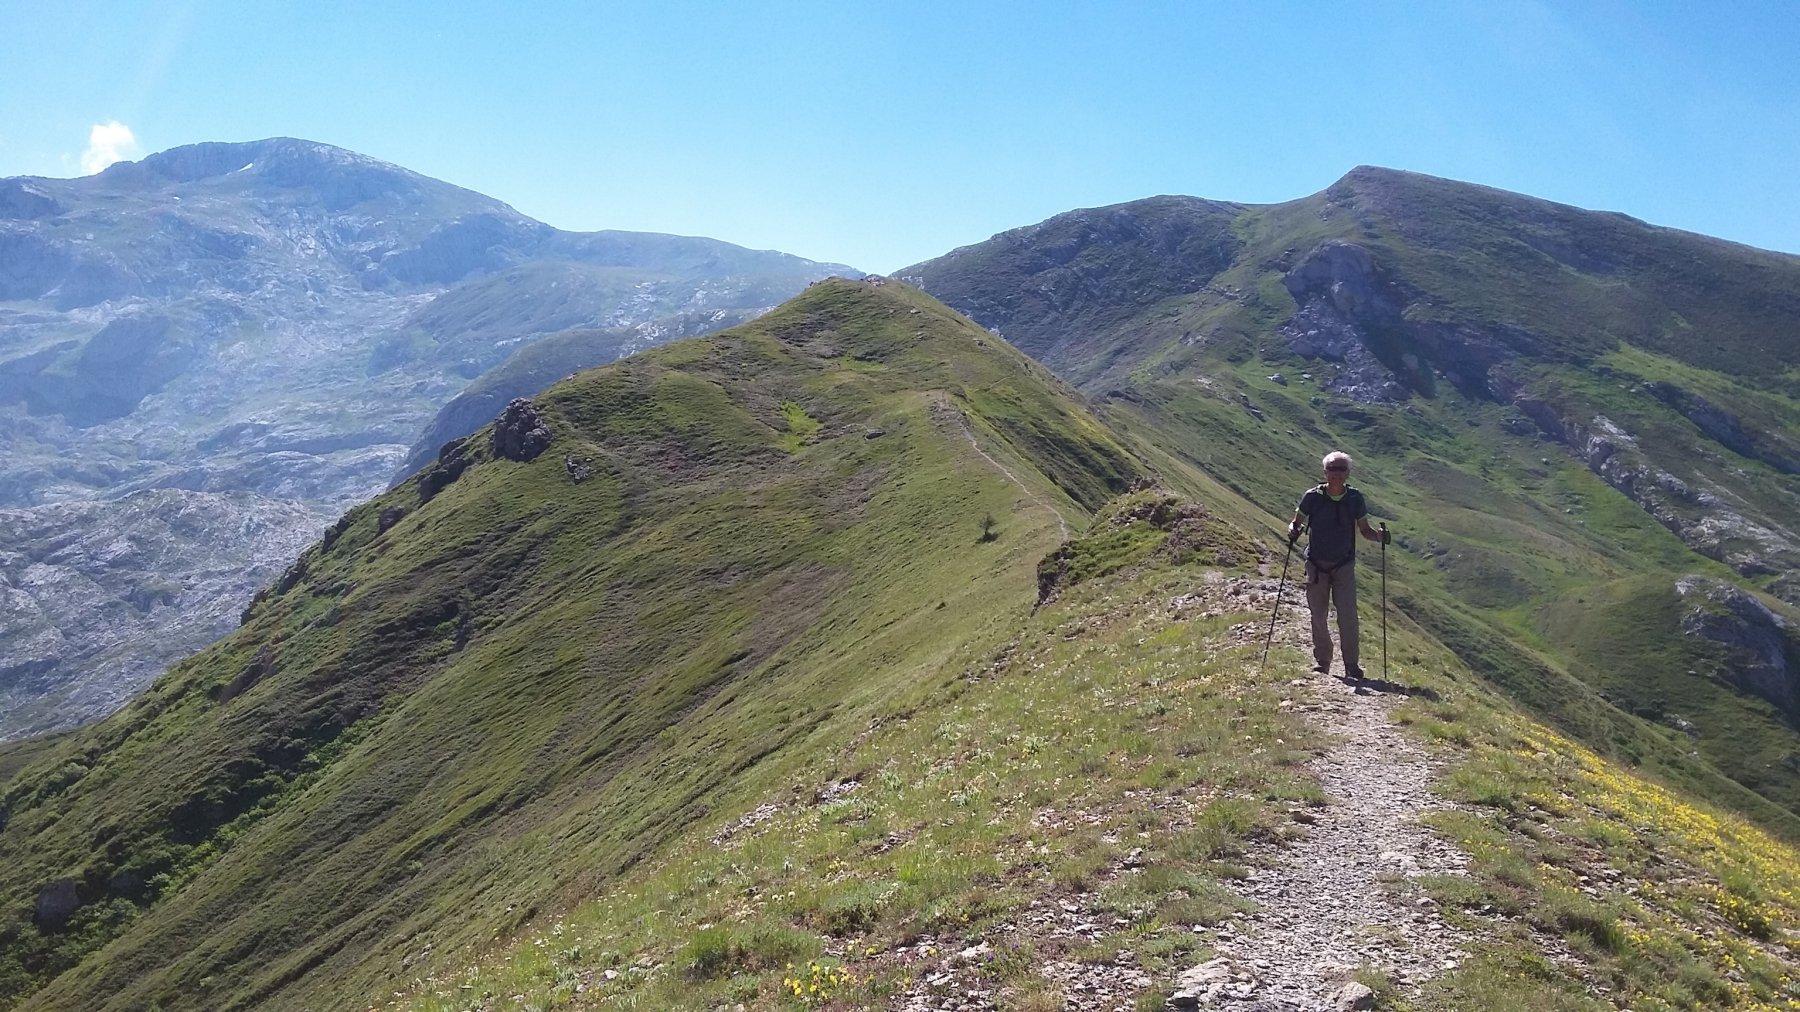 dal Passo delle Saline si indovina il lungo percorso fino al Mongioie